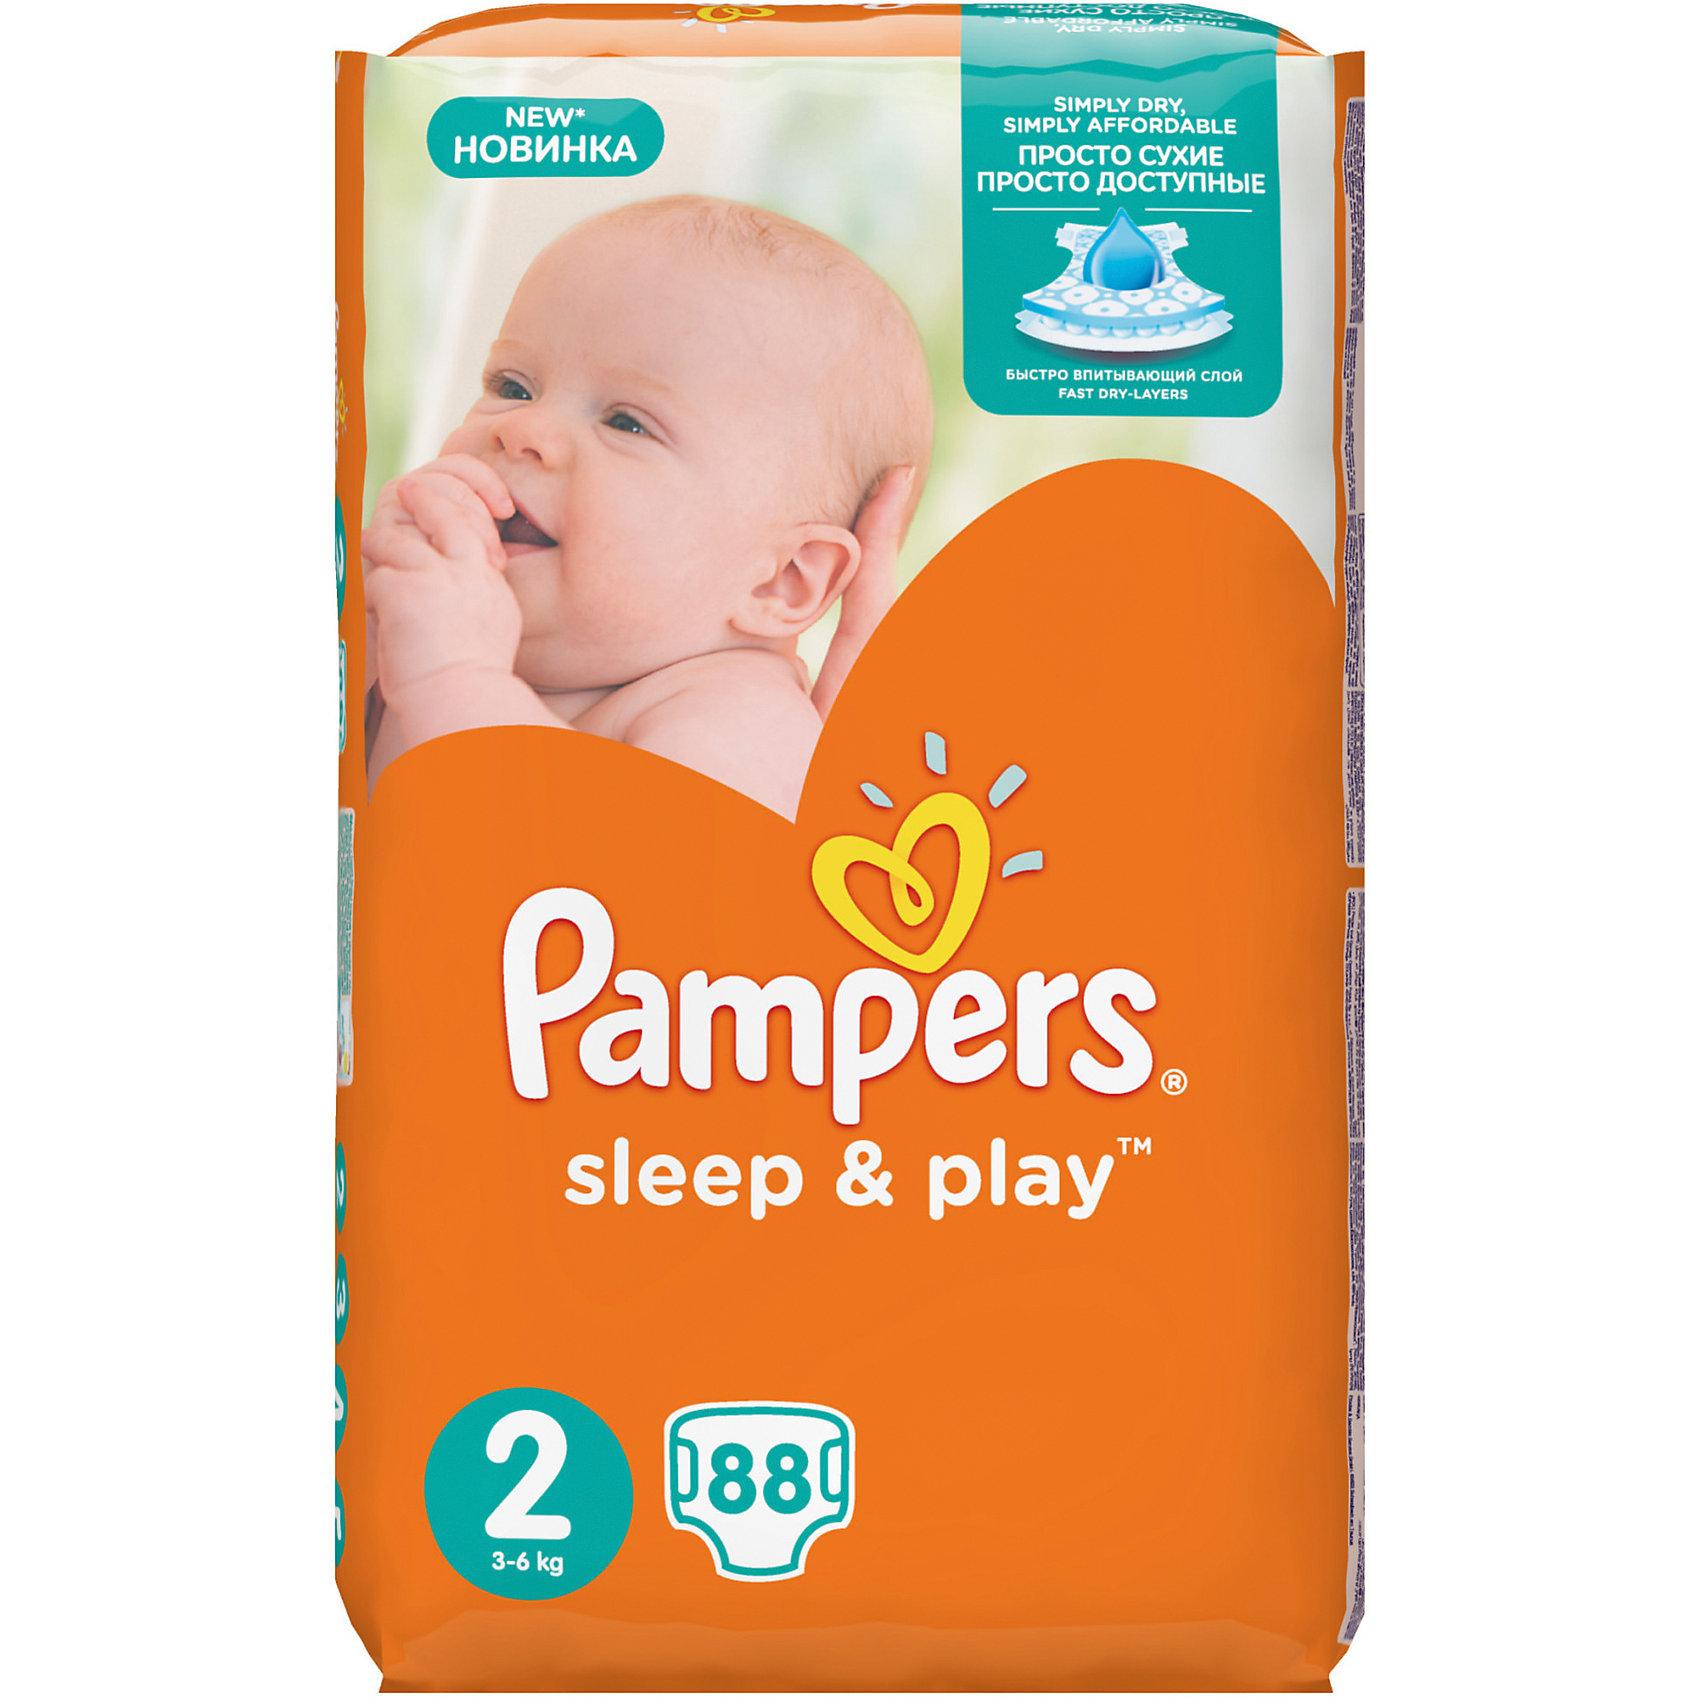 Подгузники Pampers Sleep  Play, 3-6 кг, 2 размер, 88 шт., Pampers